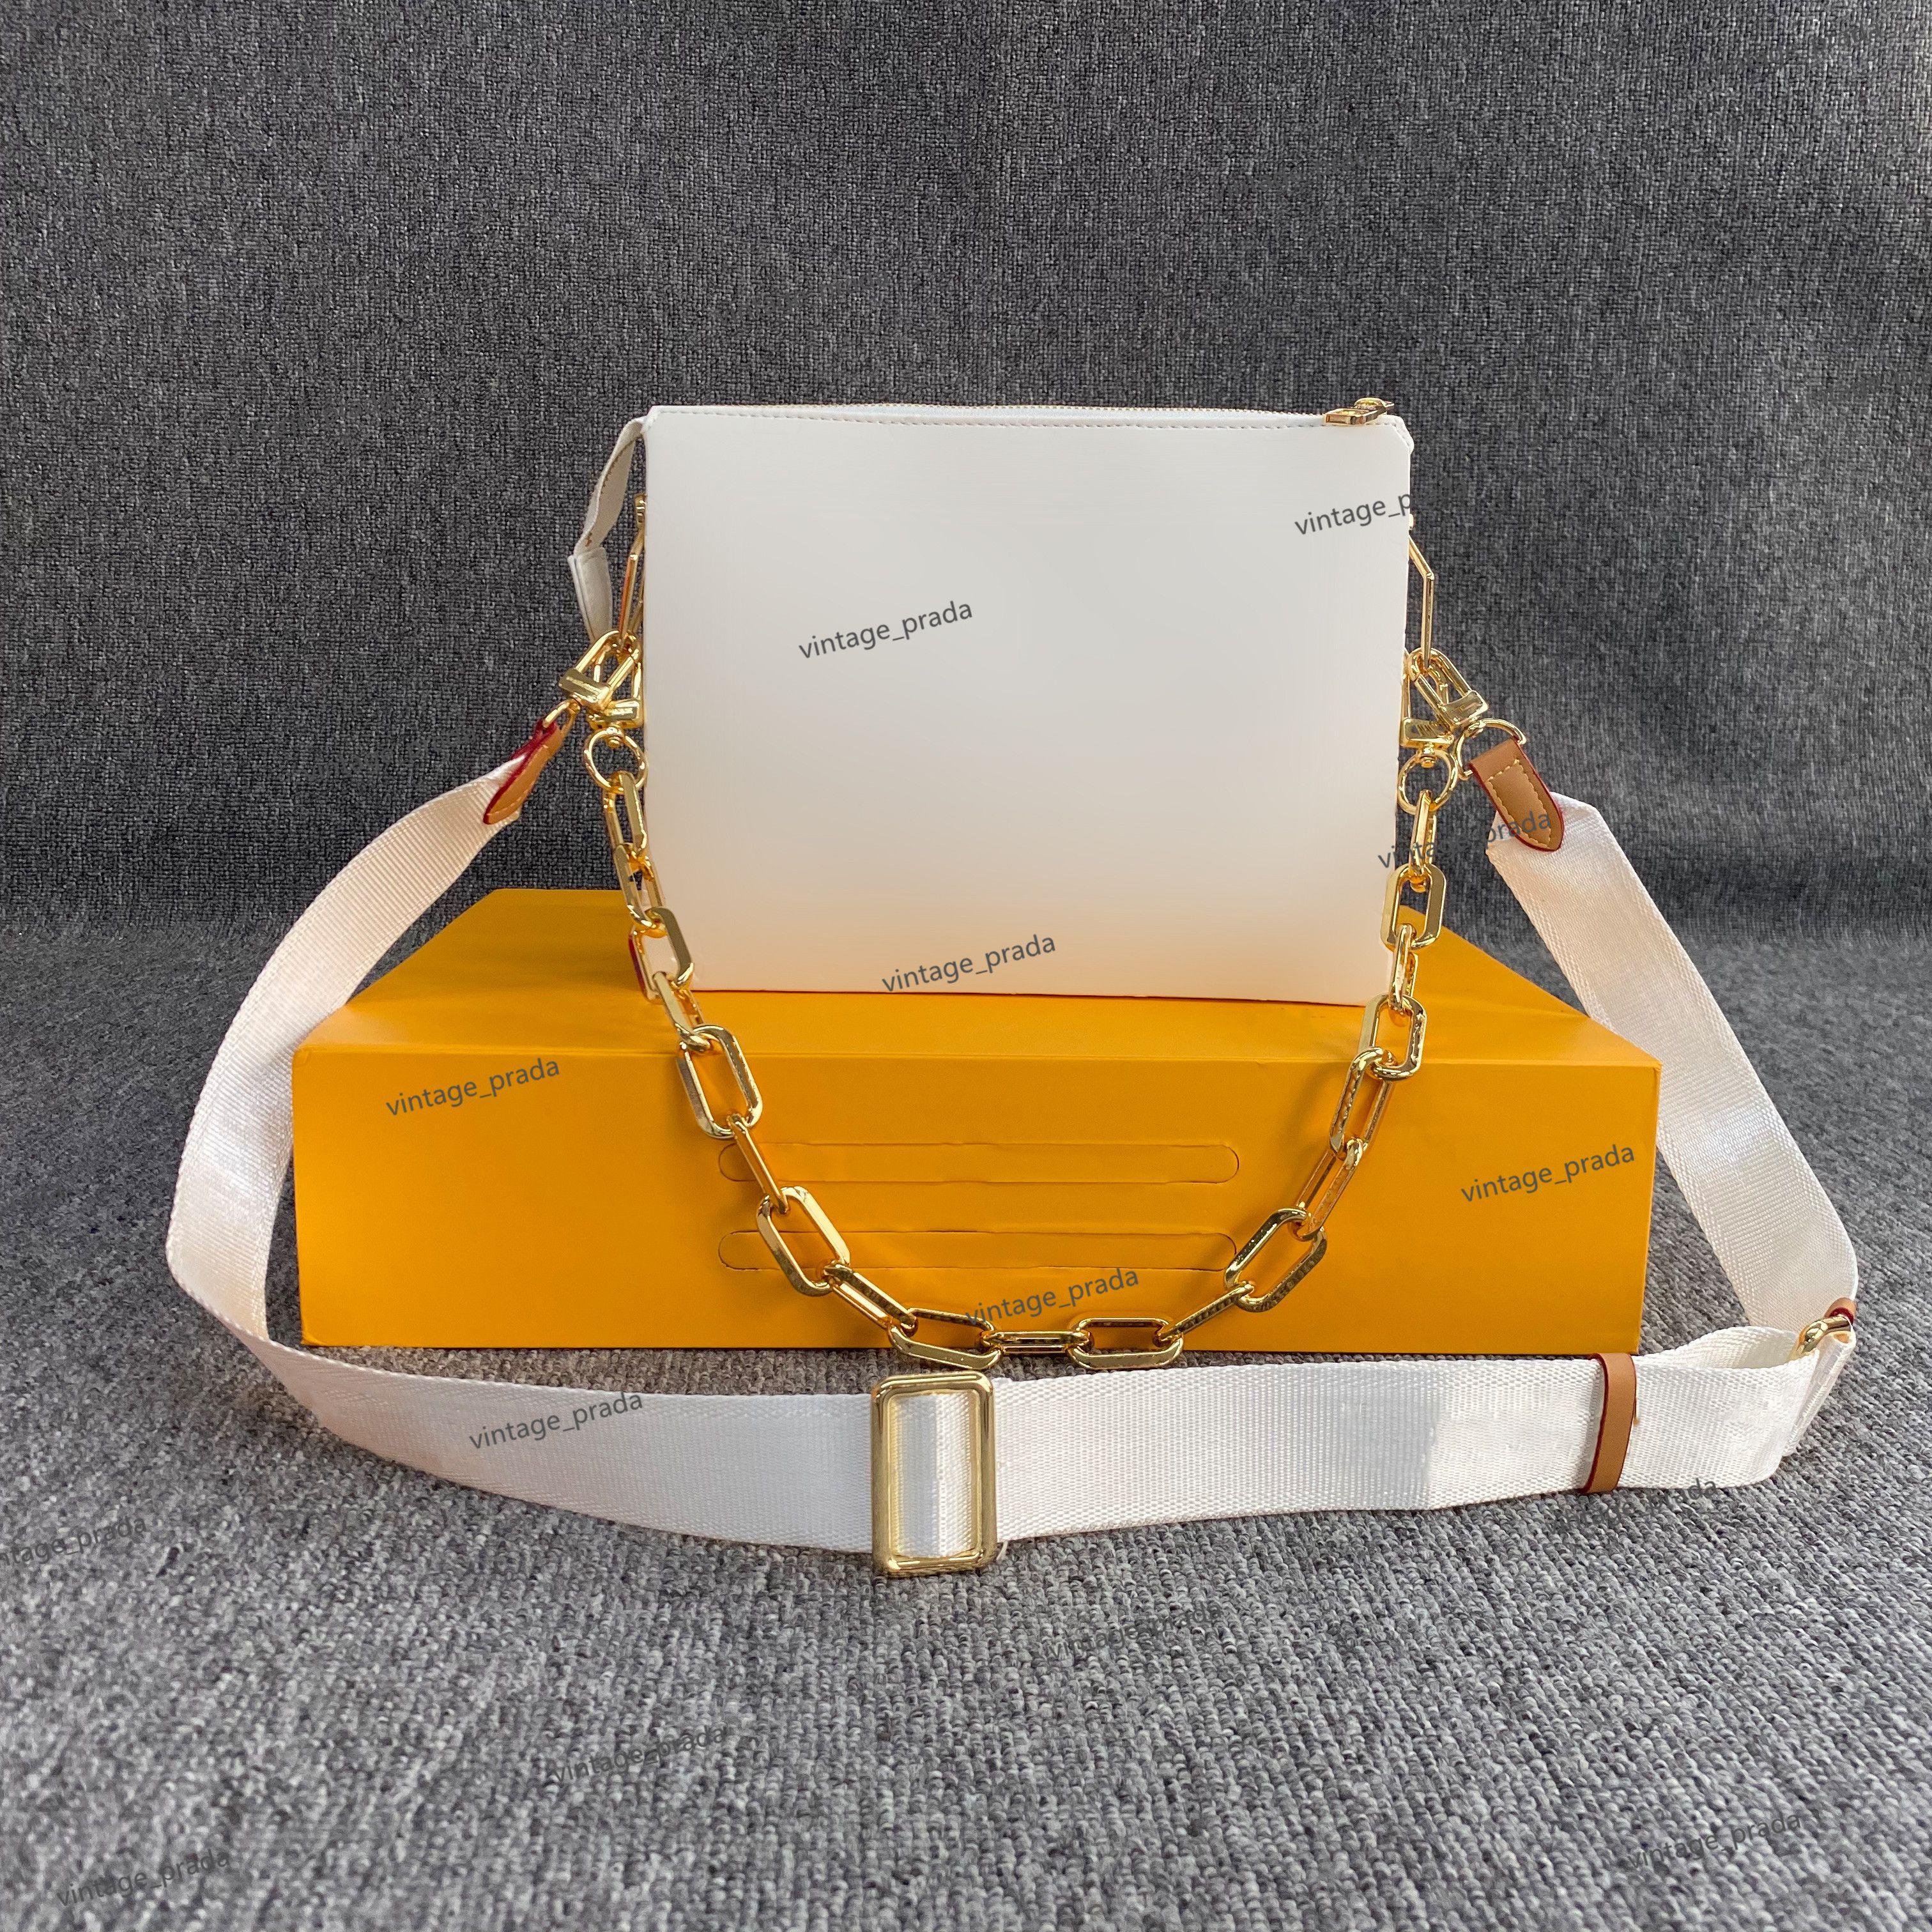 최고 품질의 정품 가죽 Coussin 여성 남성 Tote Crossbody Bags 럭셔리 디자이너 Mylon 패션 쇼핑 지갑 카메라 케이스 카드 포켓 핸드백 숄더 백